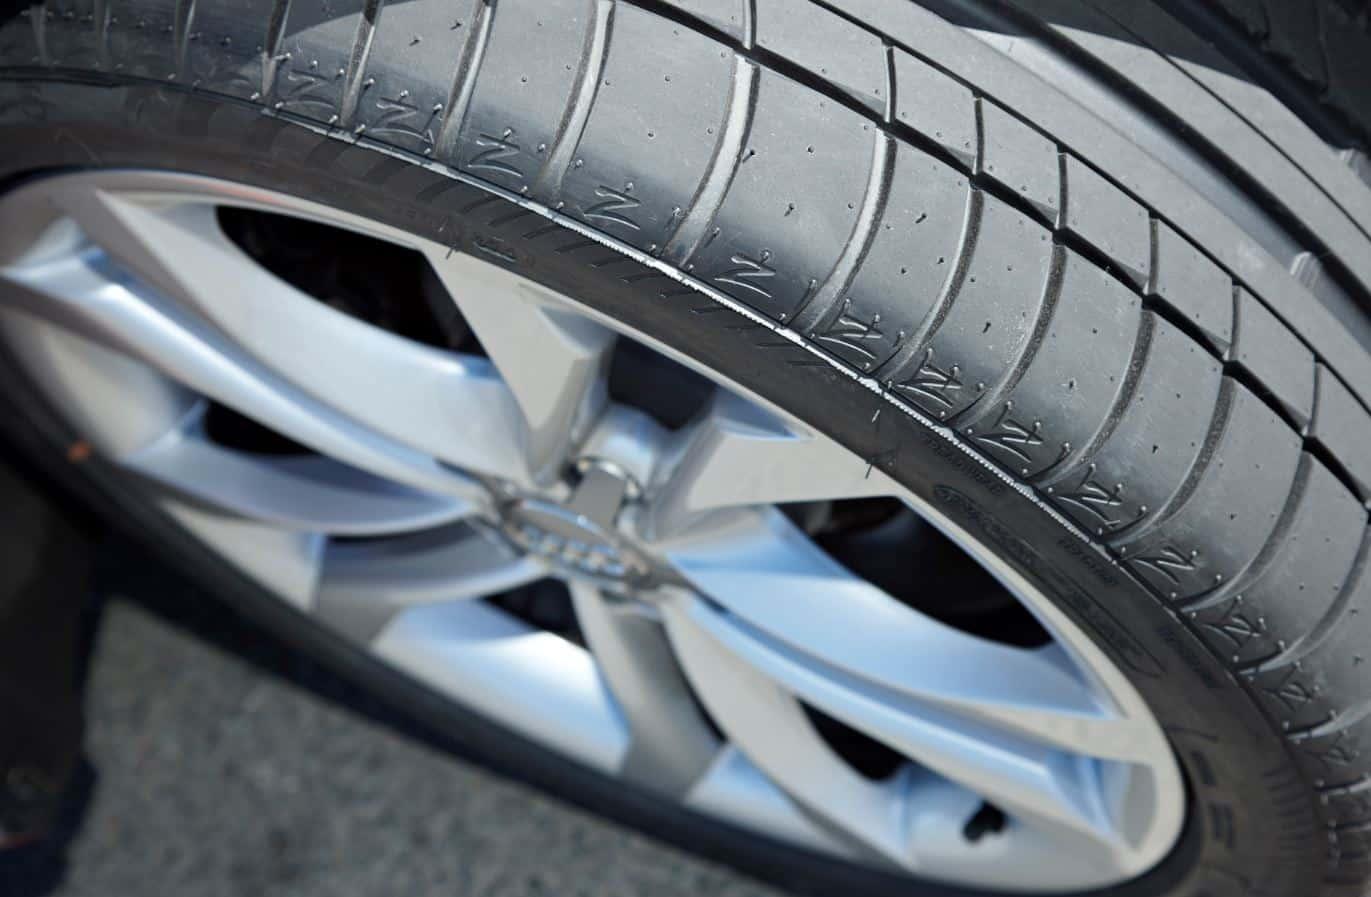 el único factor a tener en cuenta para la 'caducidad' de nuestros neumáticos es el uso